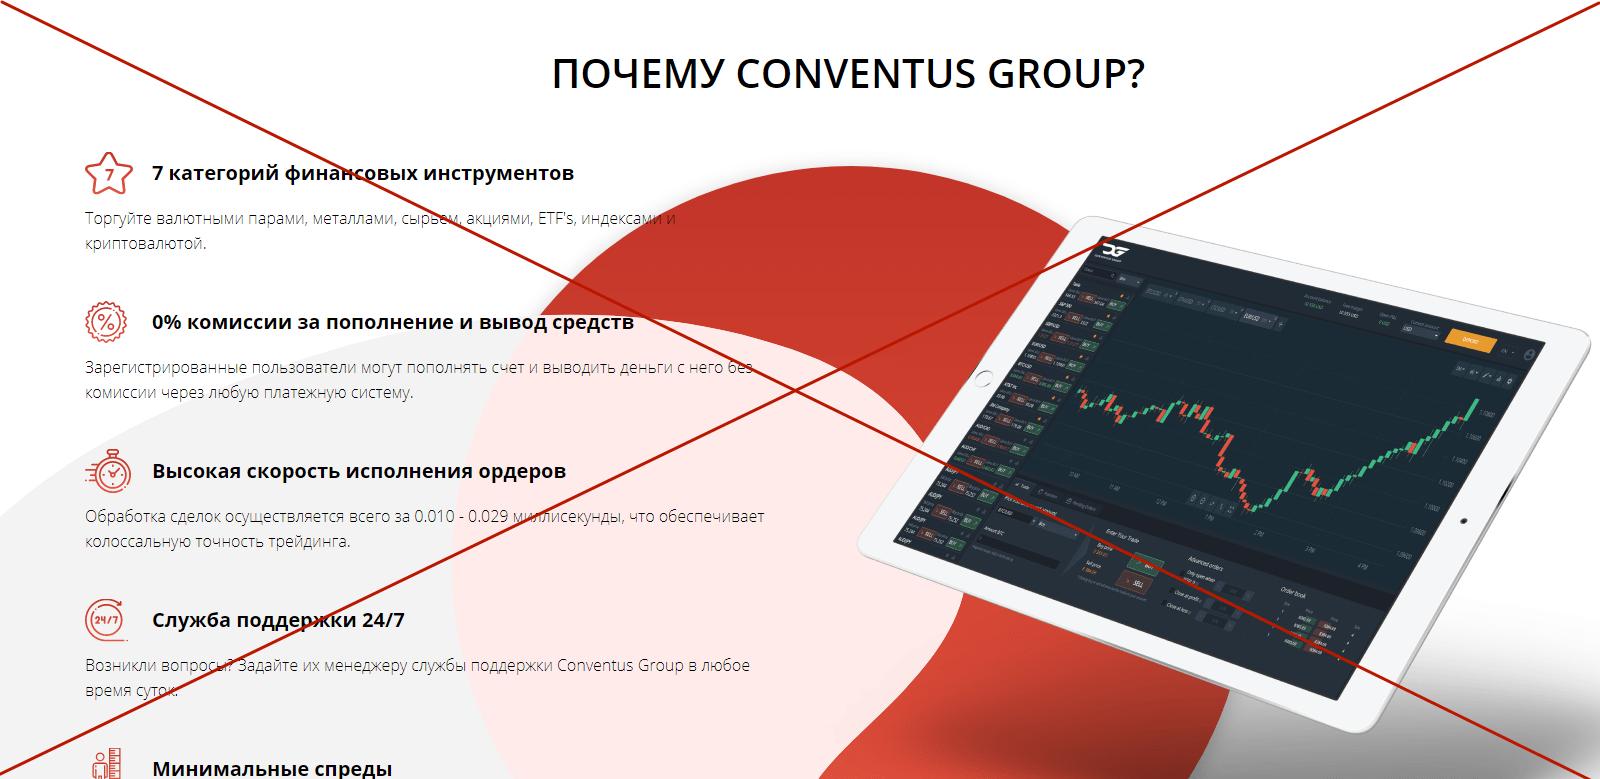 Conventus Group (conventusgroup.com) - отзывы и проверка брокера